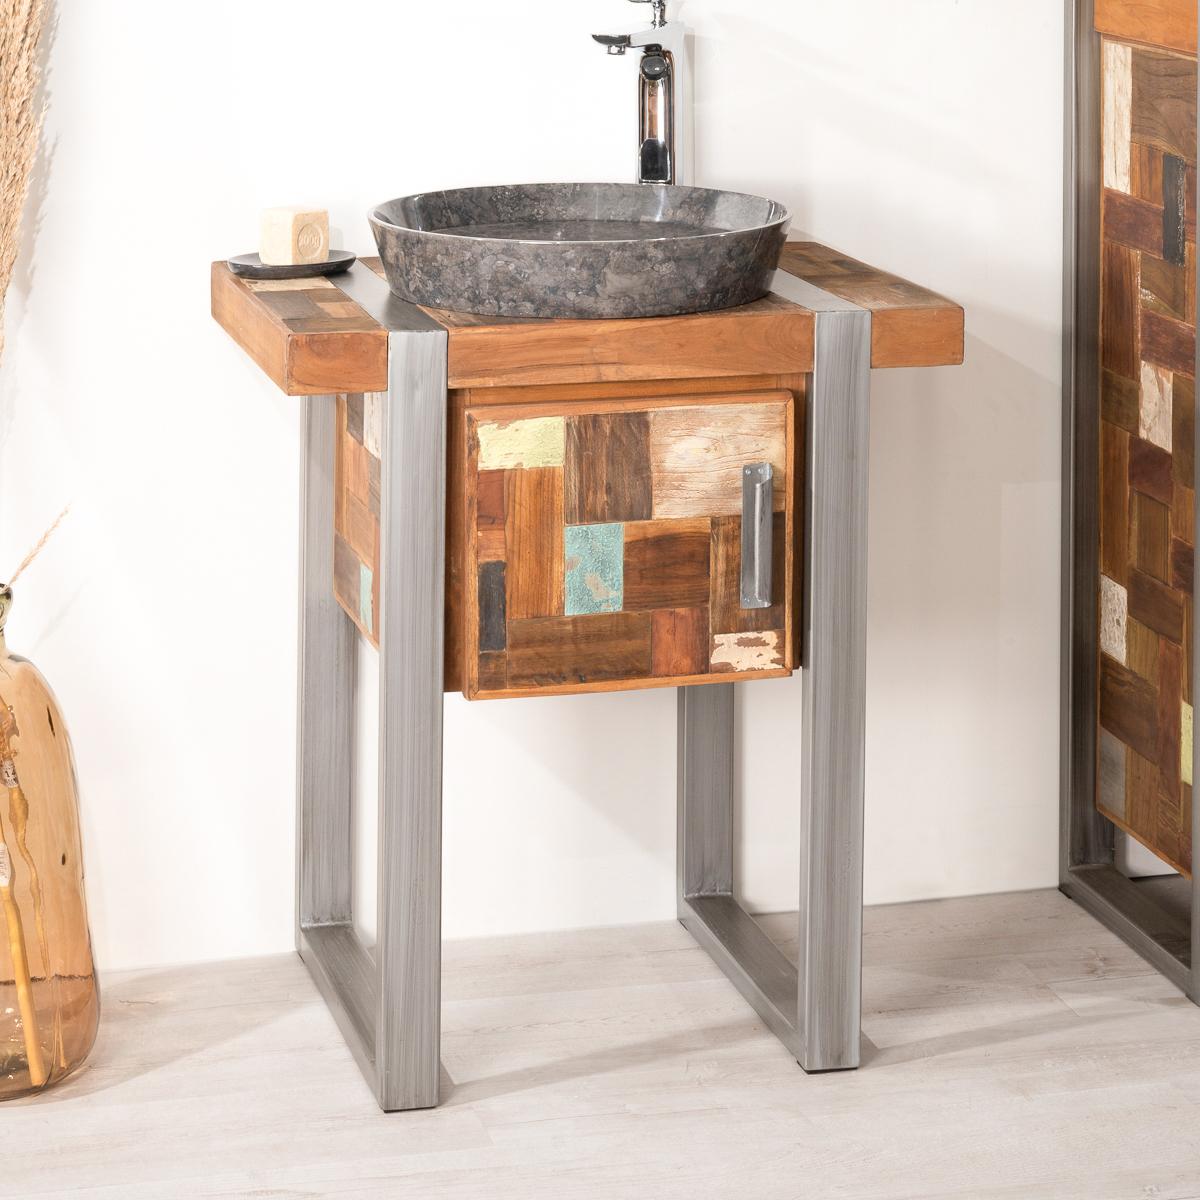 Meuble vasque salle de bain 70 cm affordable vasque for Meuble 70